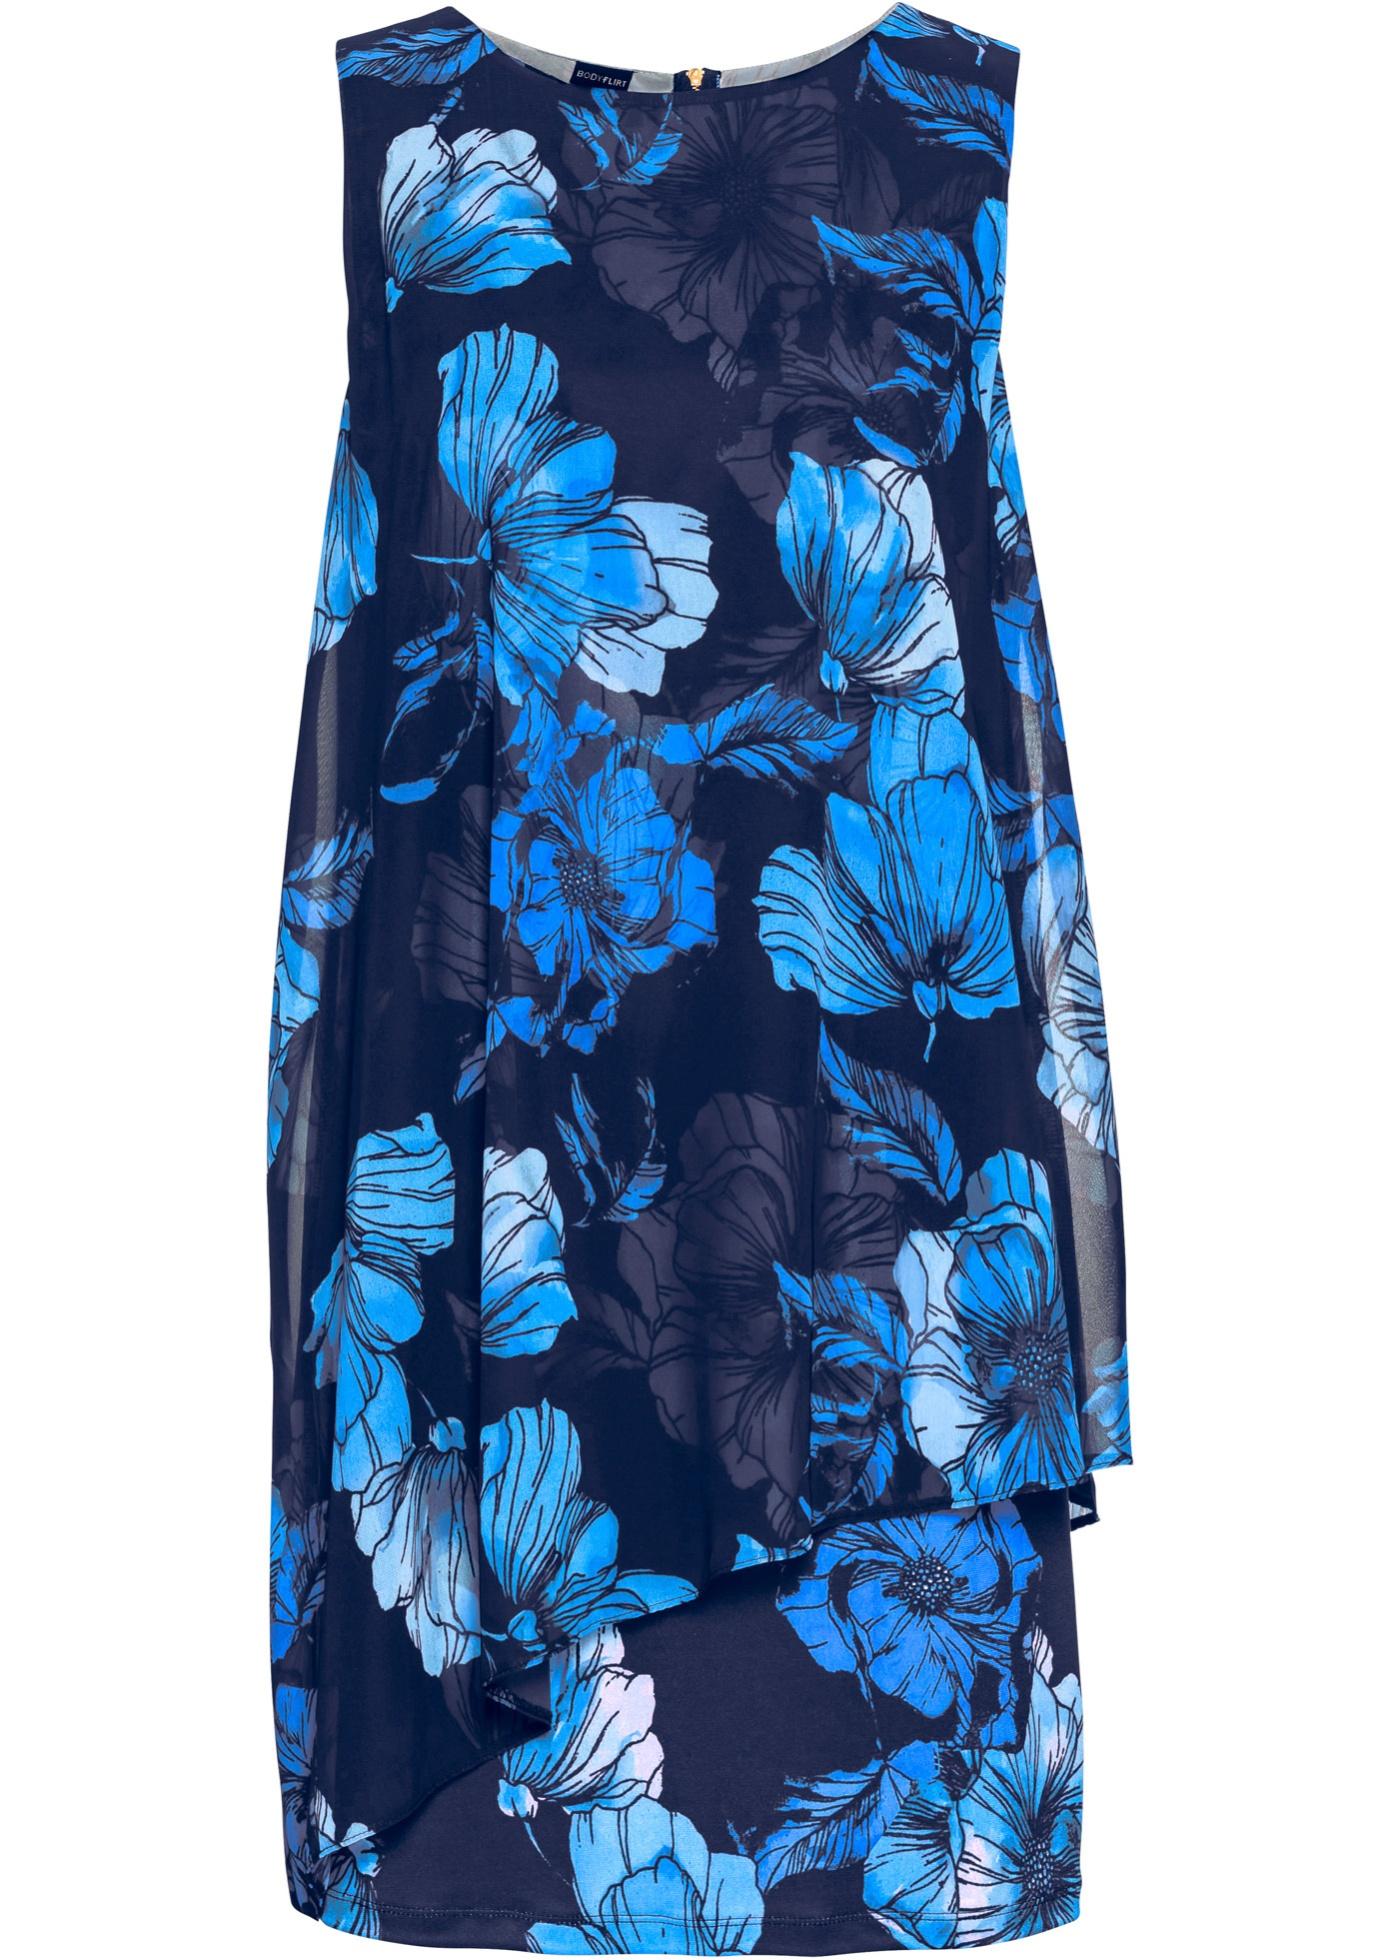 Bedrucktes Jersey-Kleid mit Chiffon ohne Ärmel  in blau für Damen von bonprix